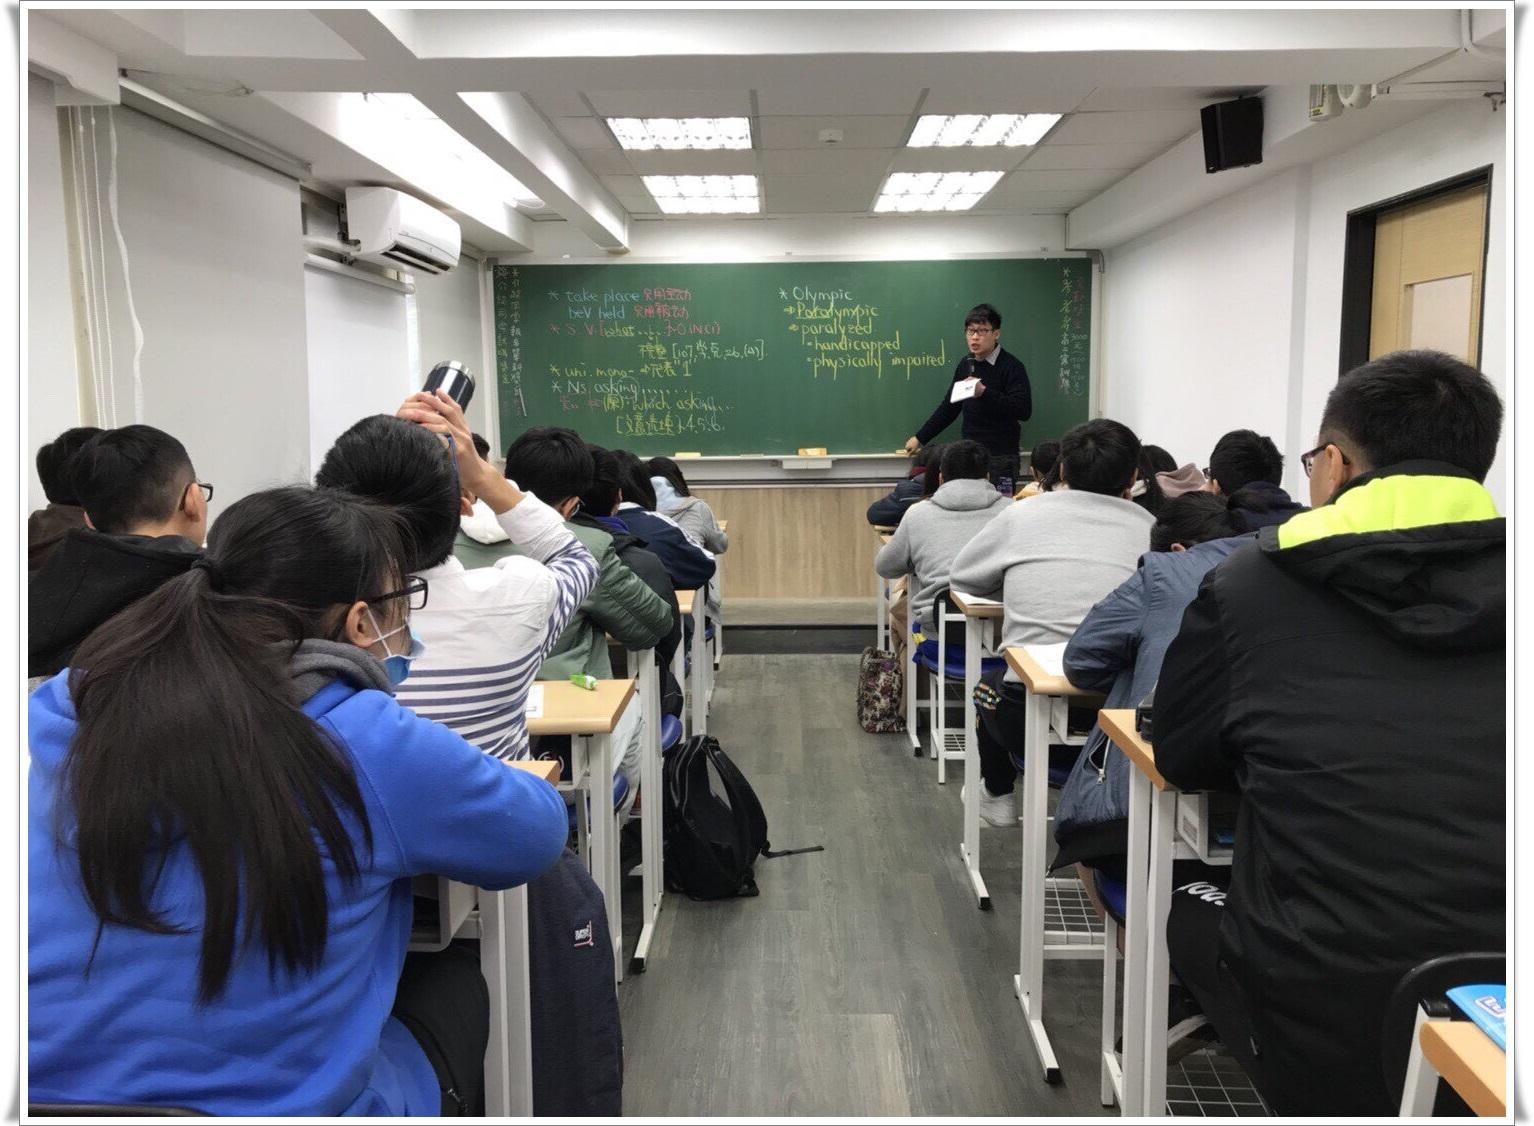 補習班環境介紹1